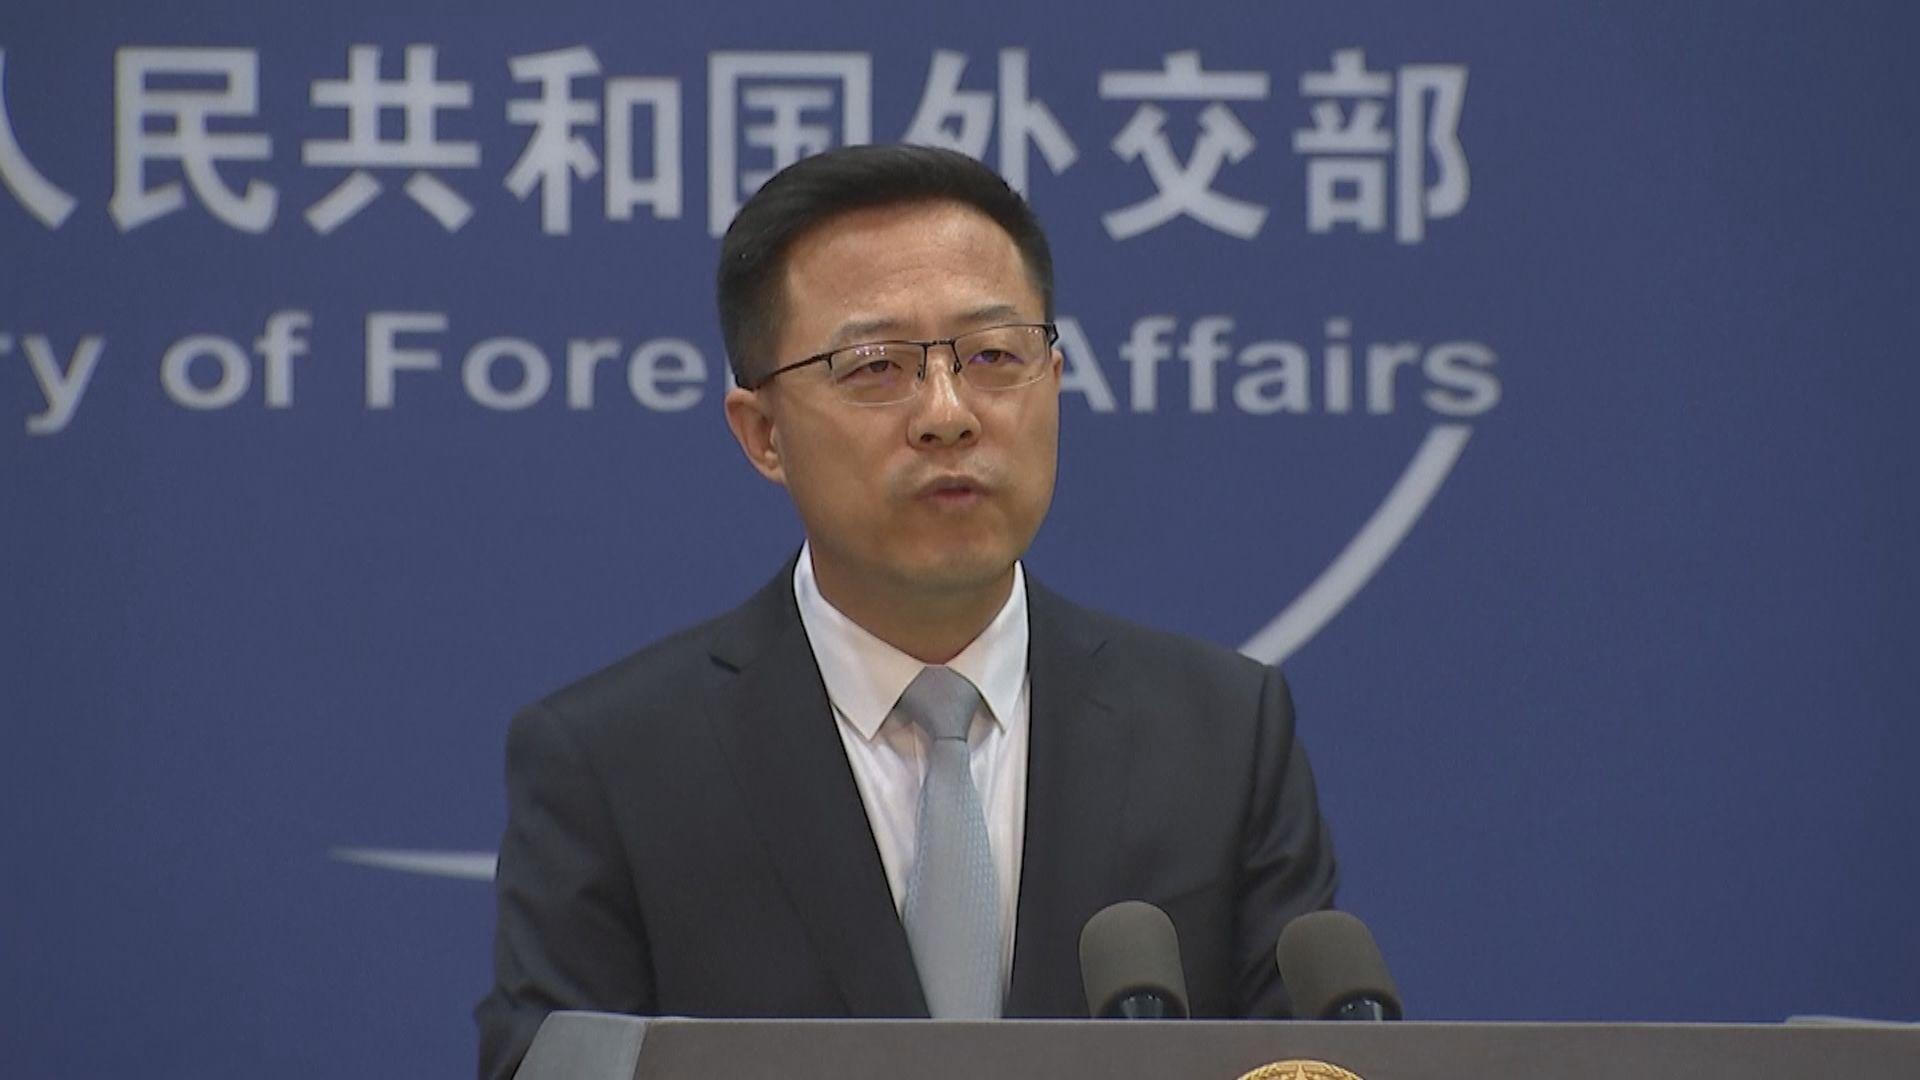 外交部:藉涉疆港藏問題抹黑中國企圖以失敗告終